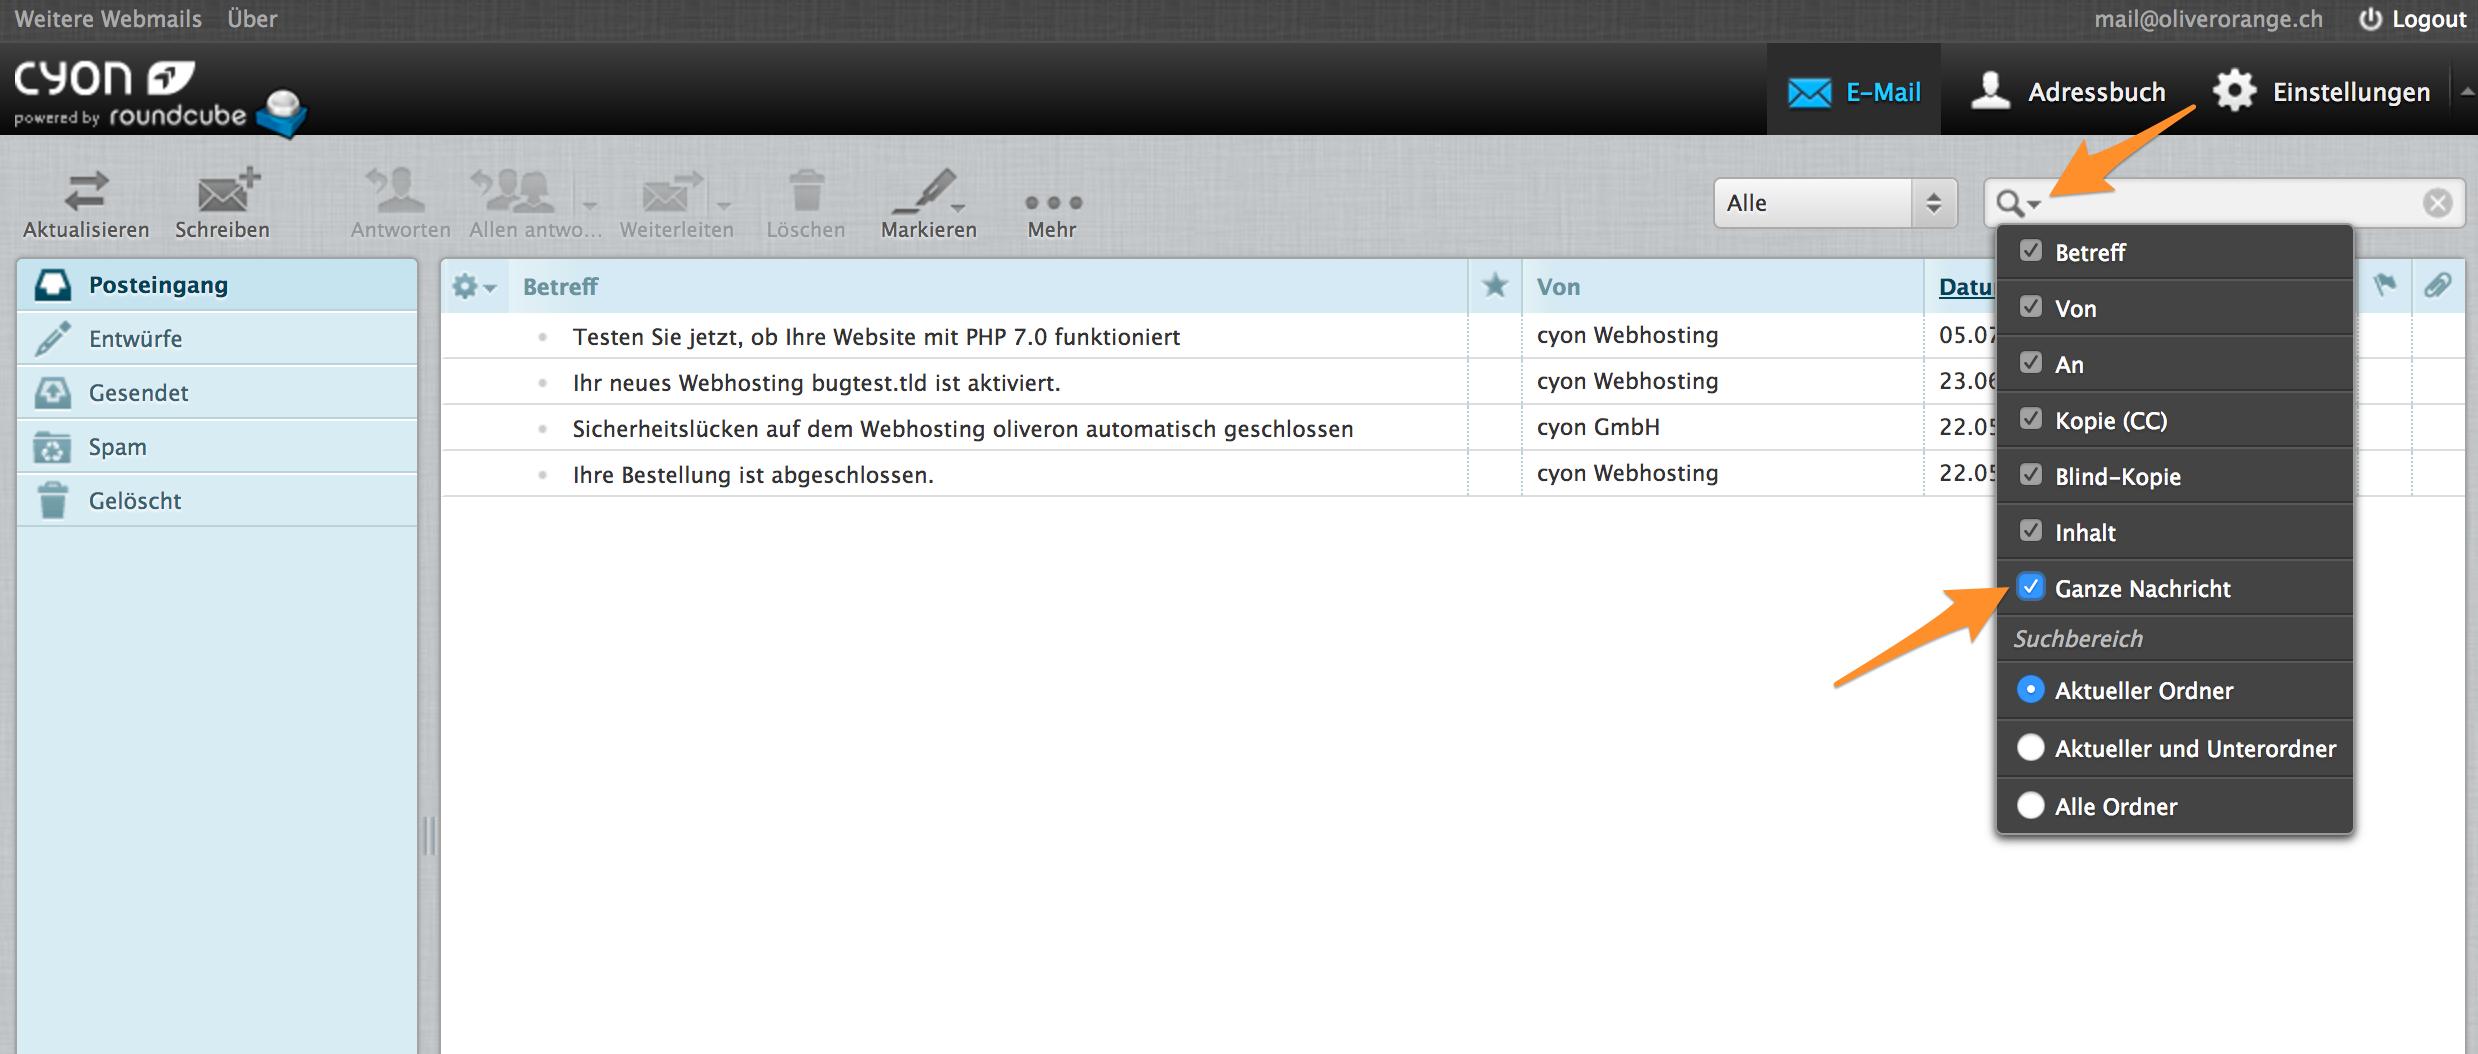 Suchoptionen im Webmail